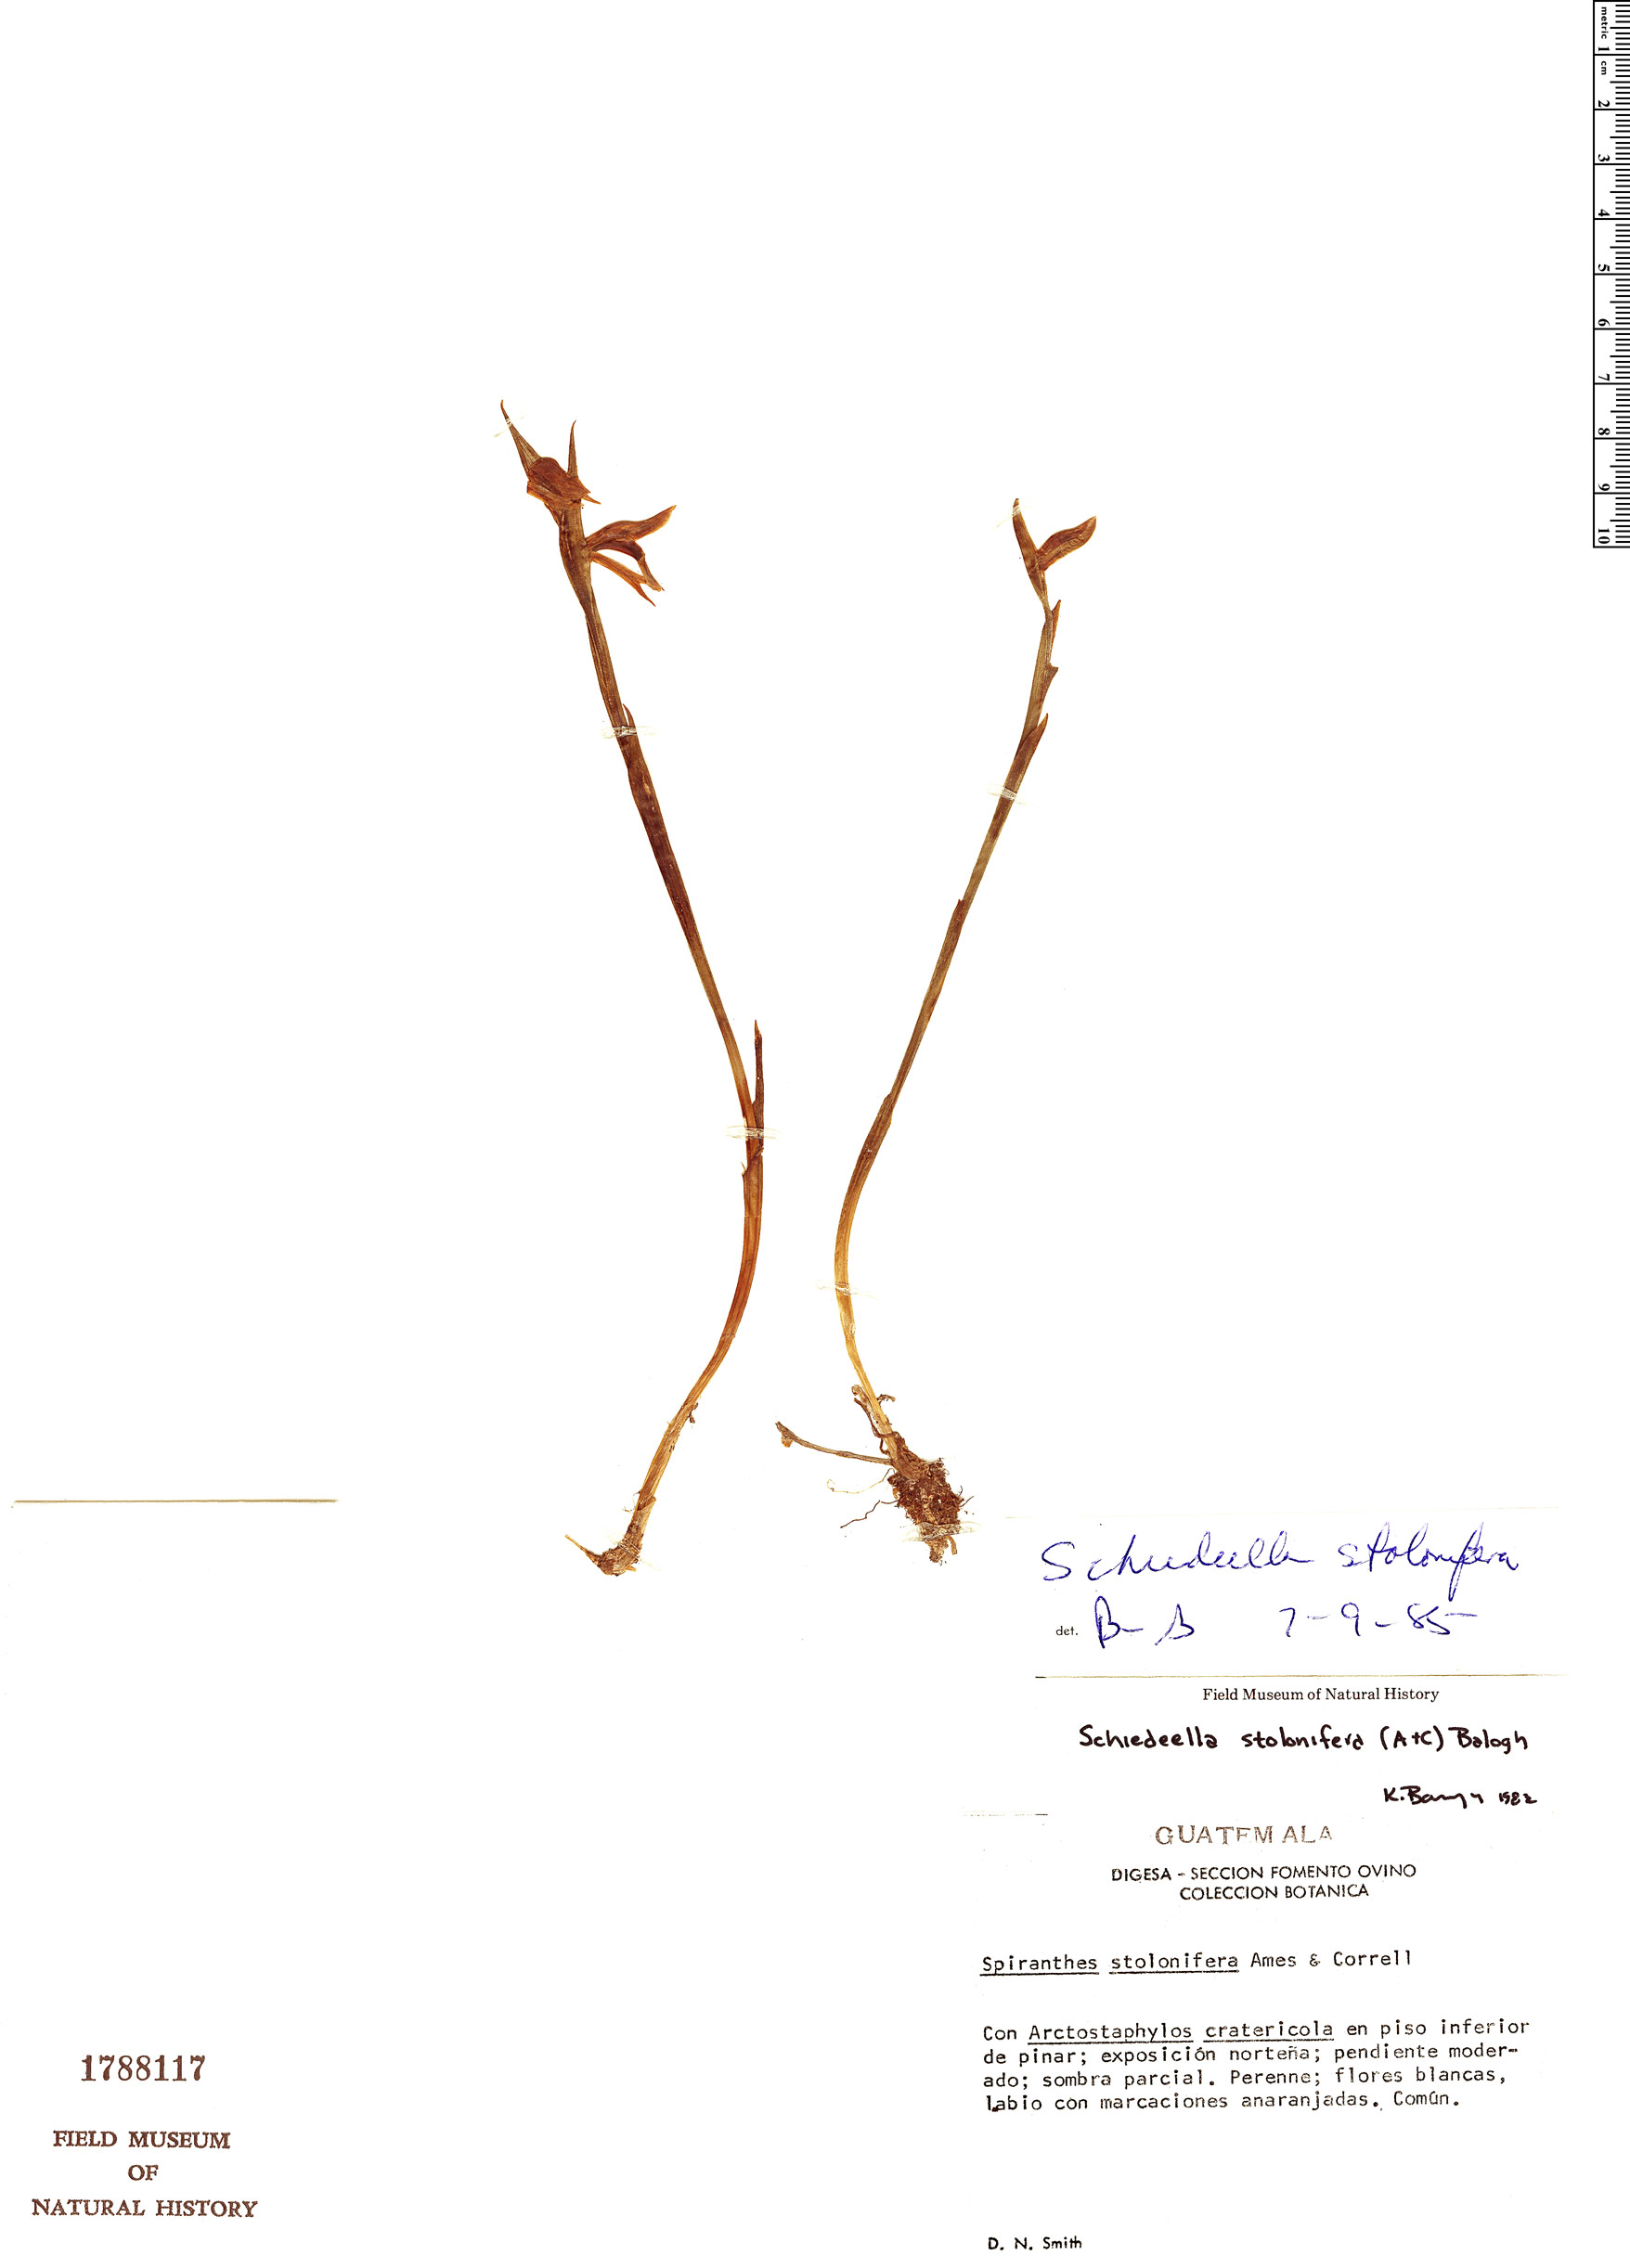 Specimen: Schiedeella stolonifera